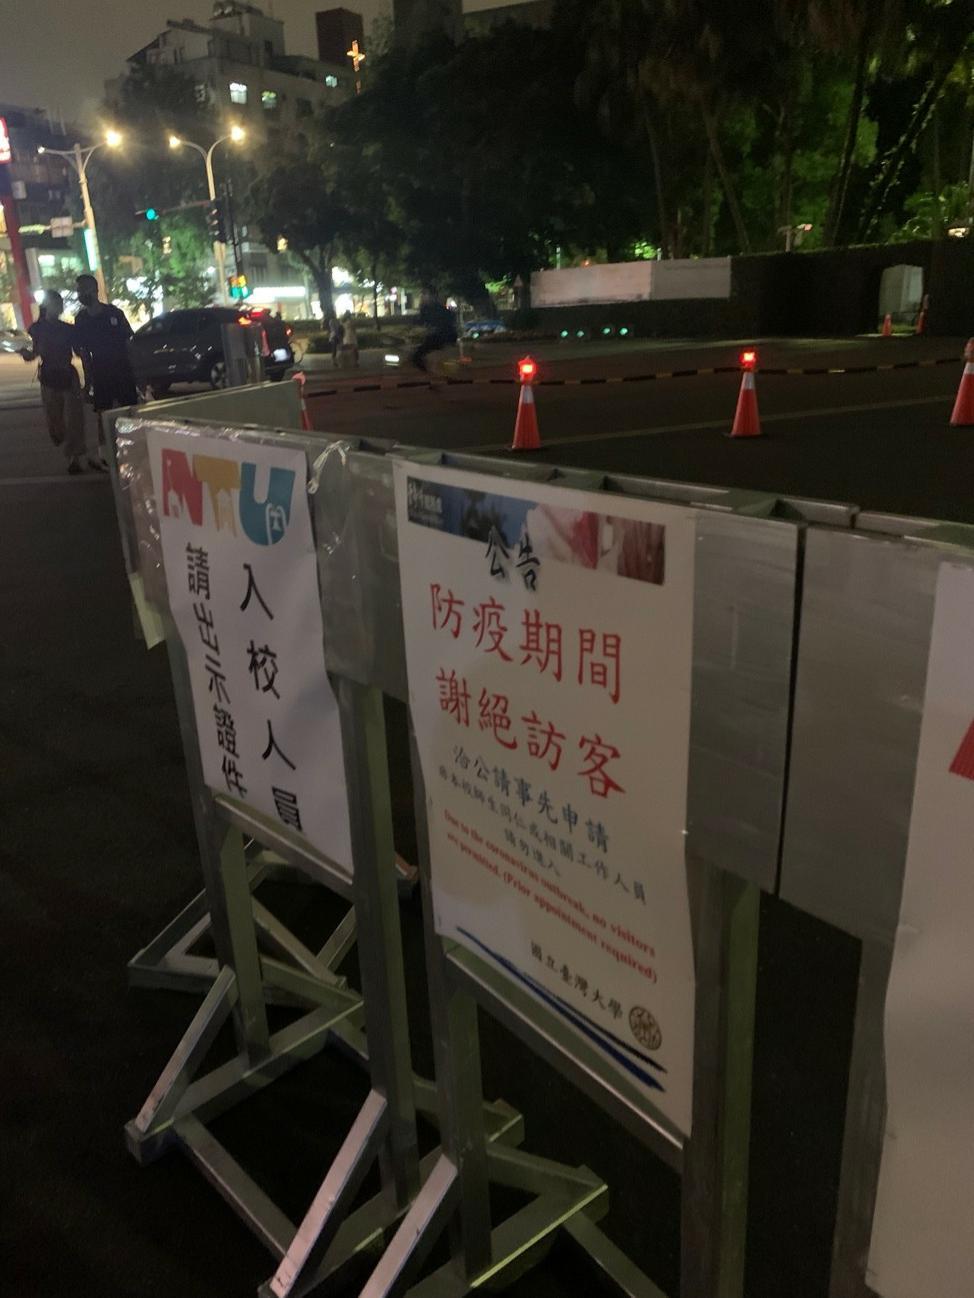 台湾防疫警戒已?升至三级:多所高校实?施封闭,超市货架被抢购一空